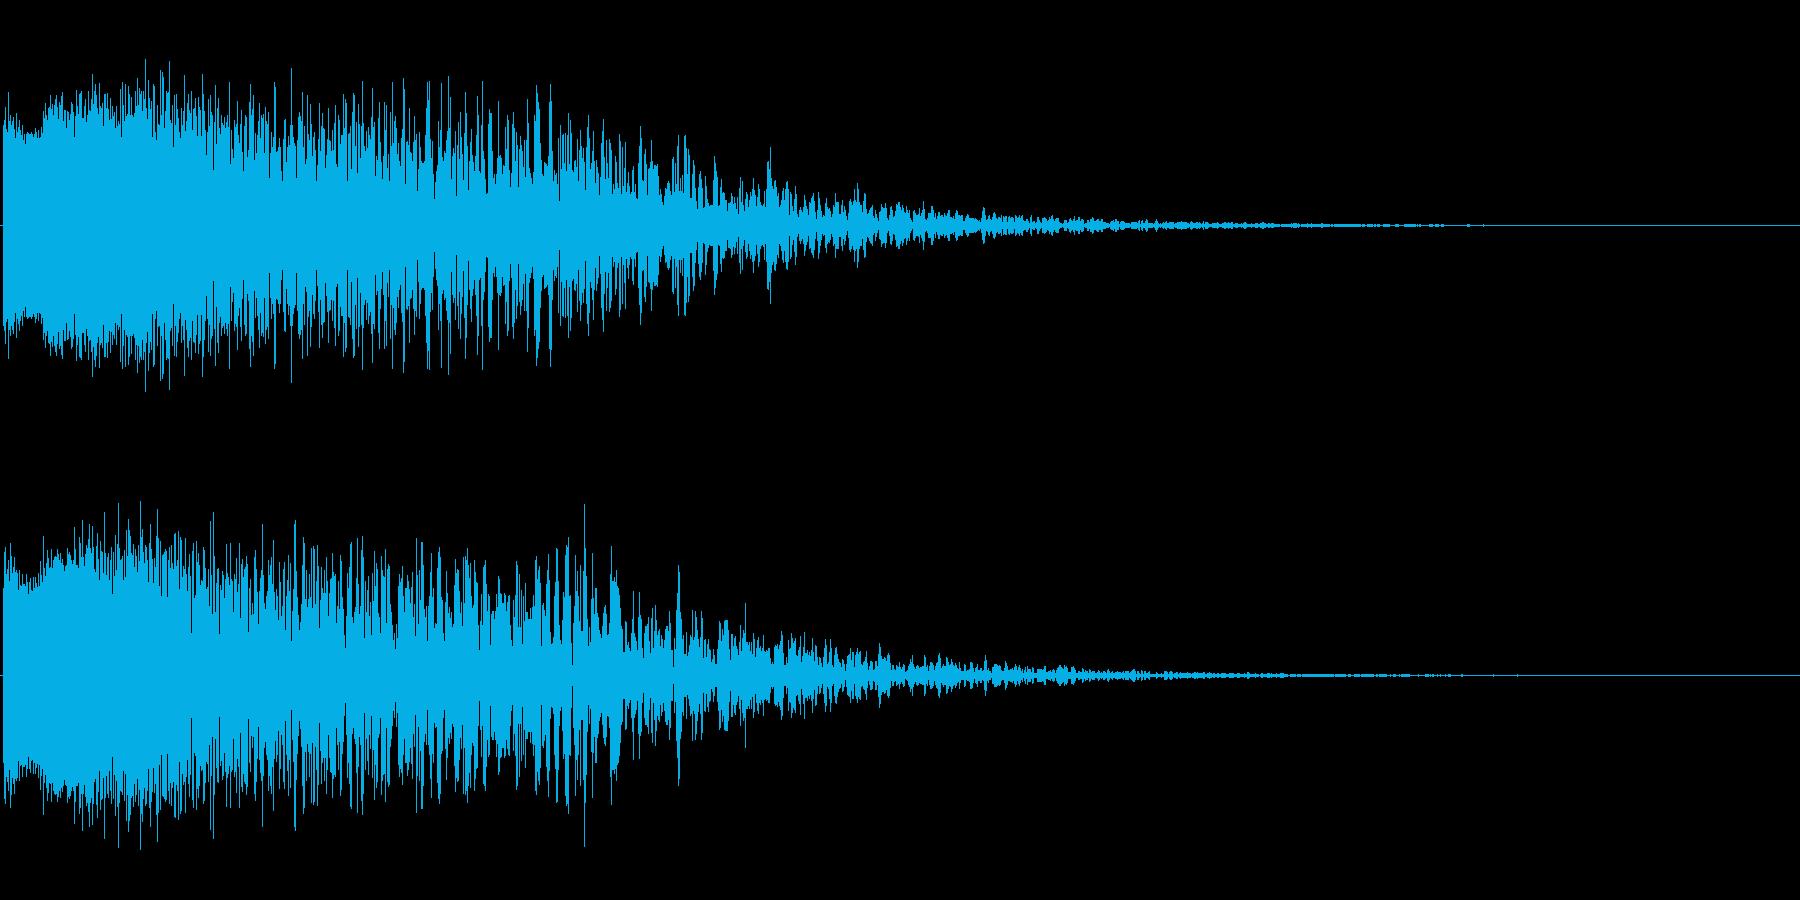 レーザービームの効果音の再生済みの波形